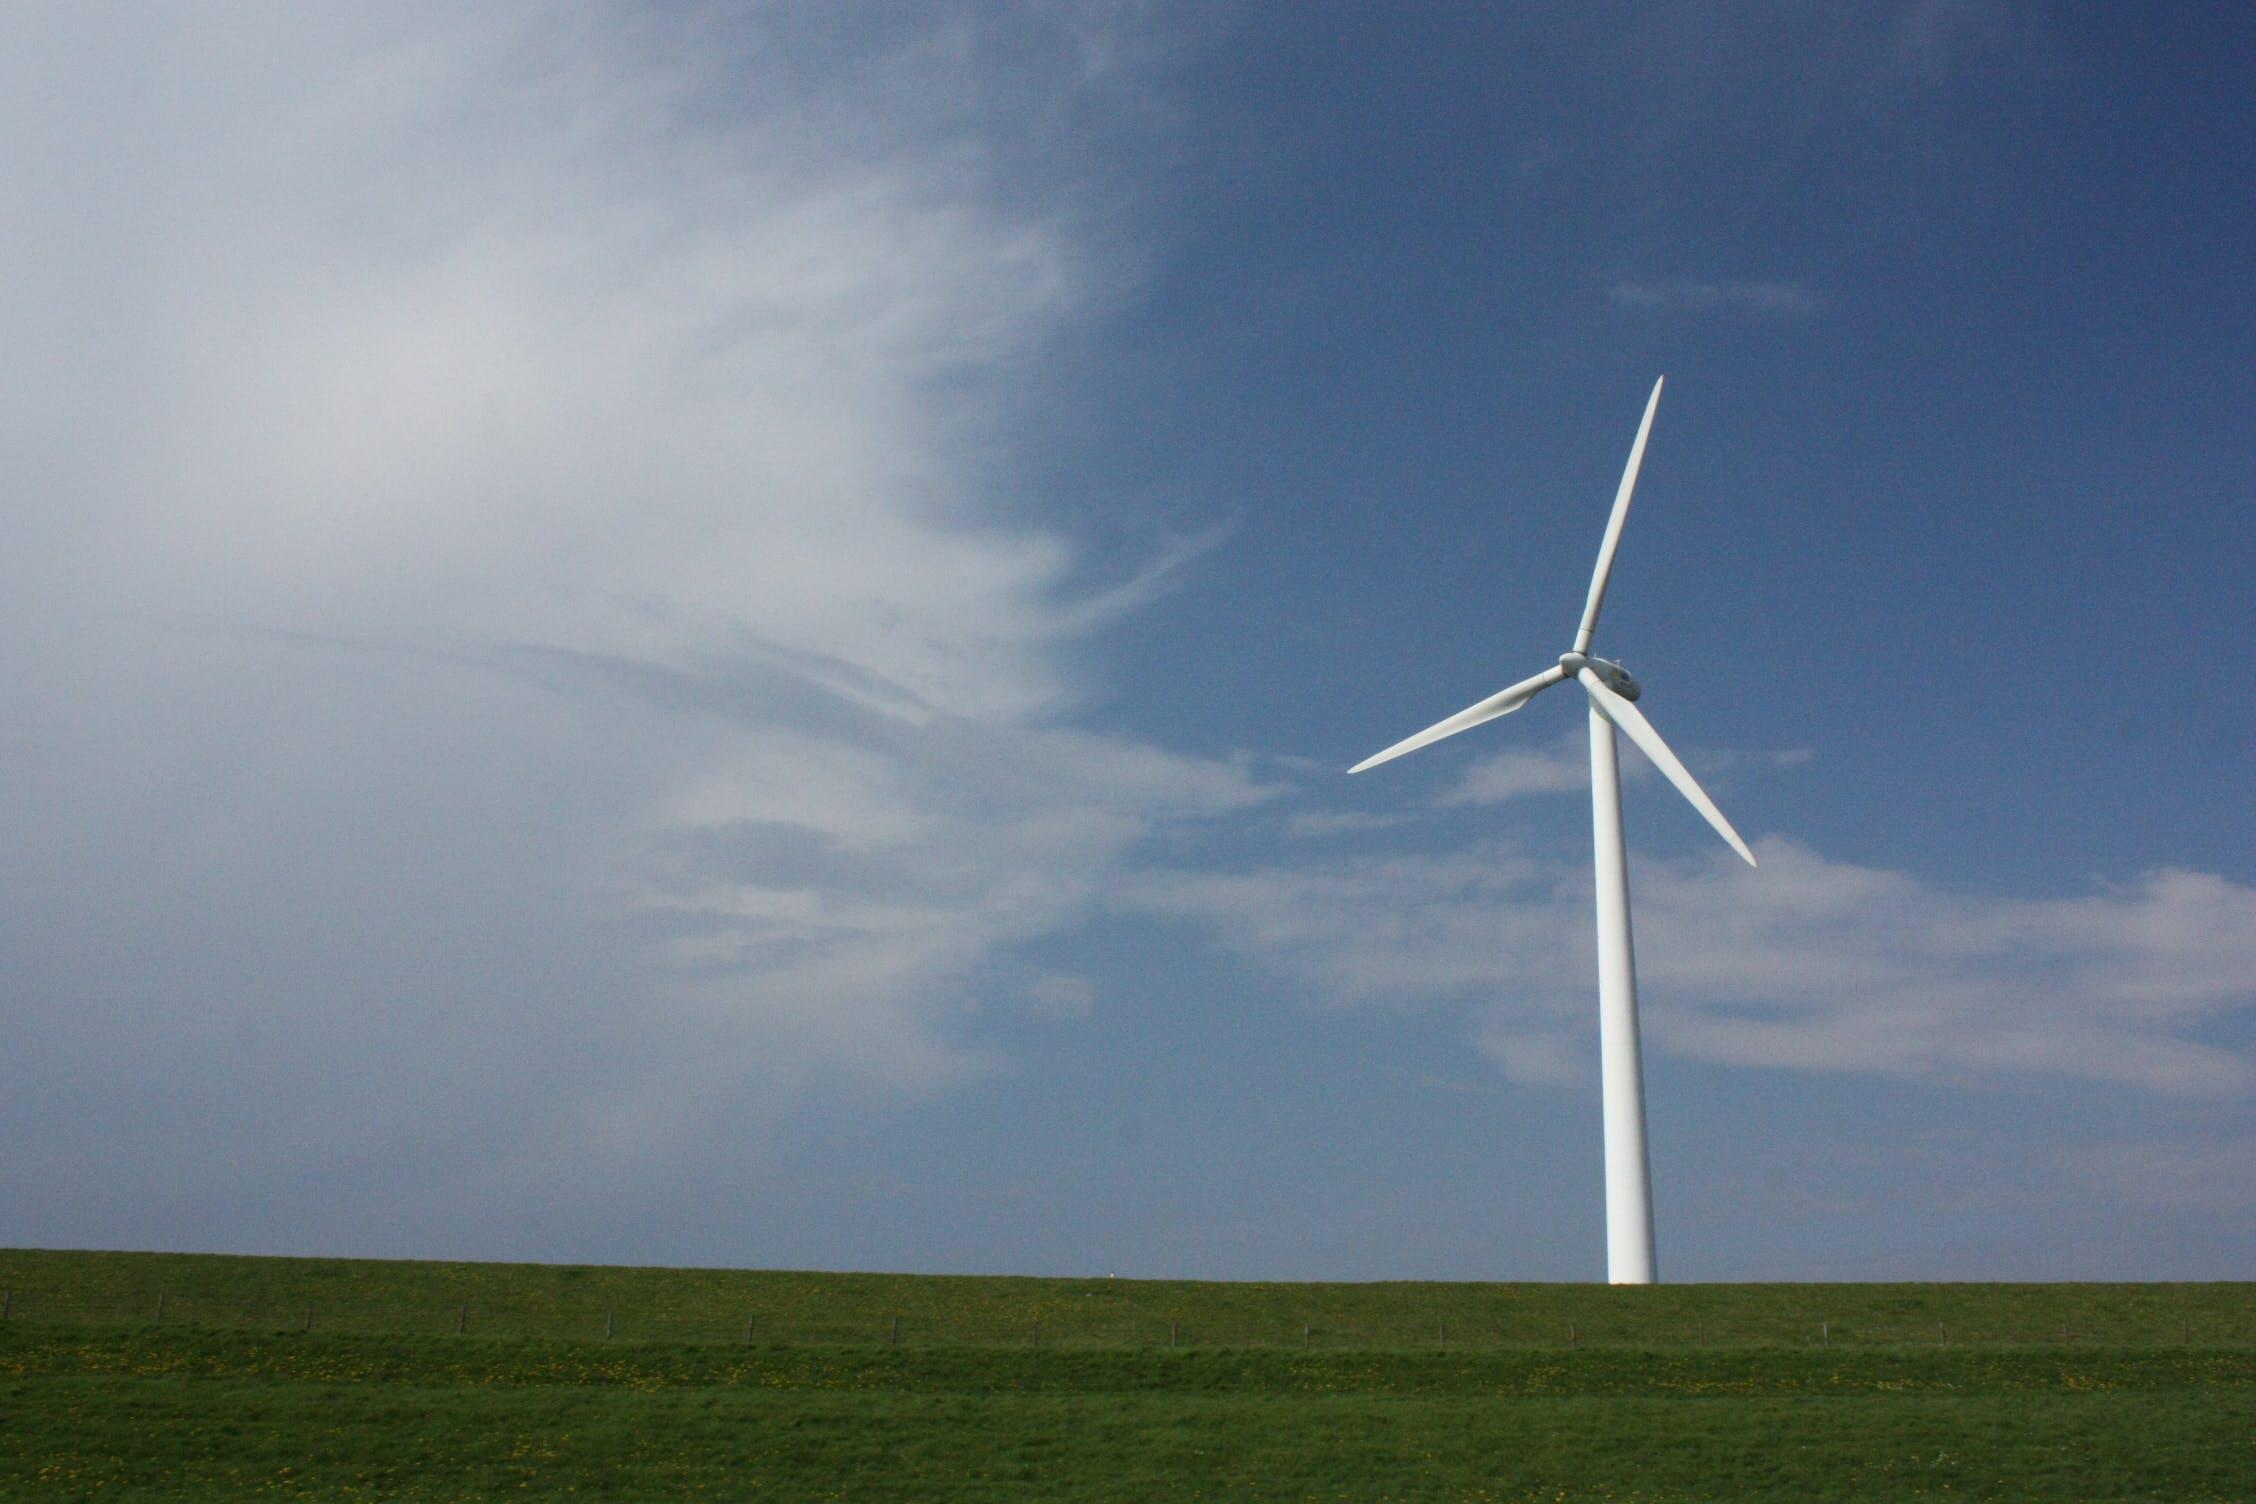 Fotos de stock gratuitas de eólico, nubes, Países Bajos